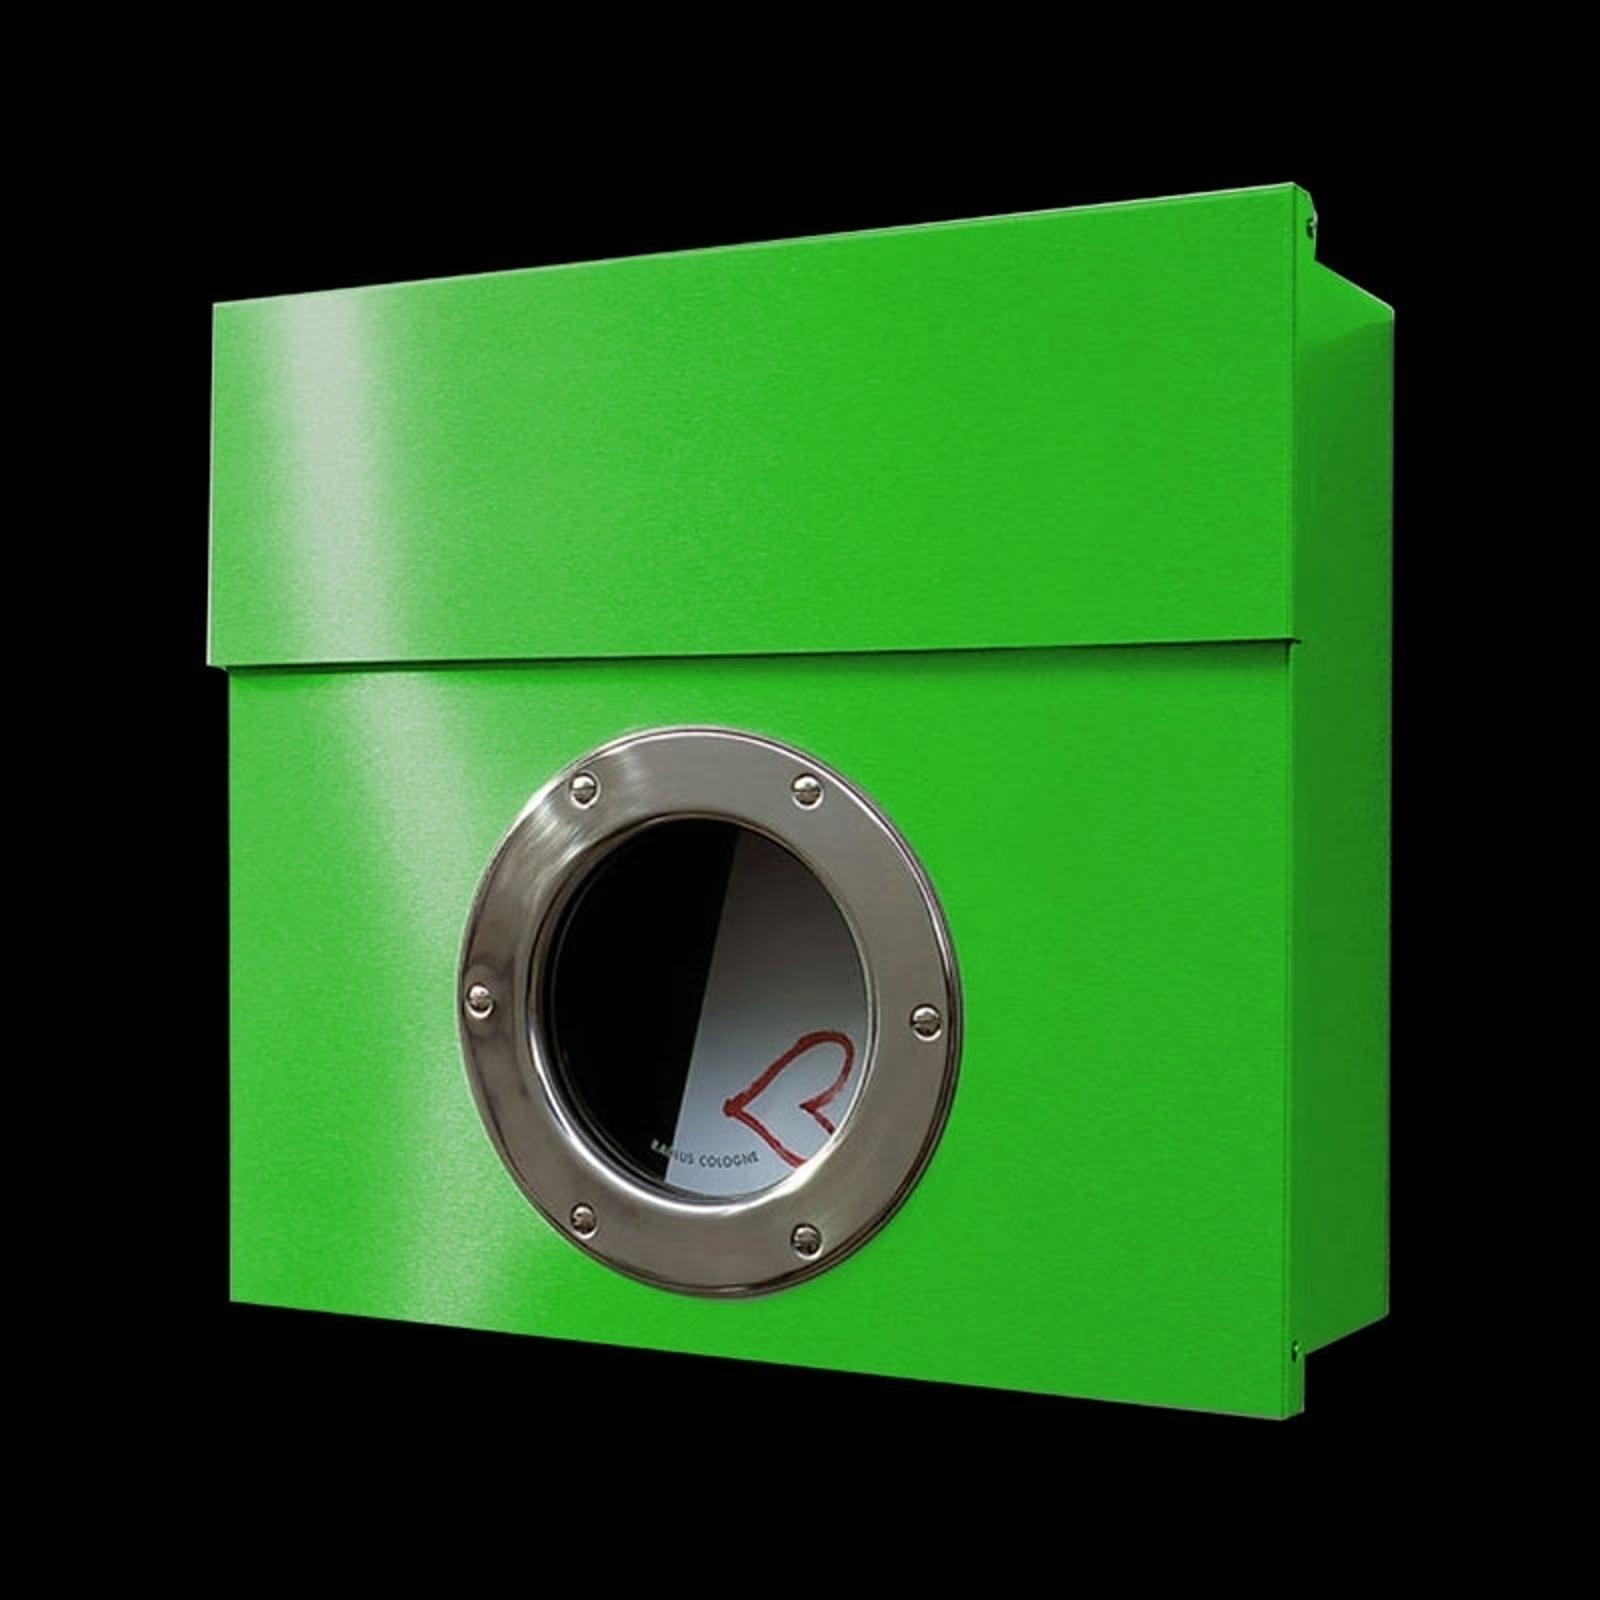 Postkasse Letterman I med utpreget design, grønn